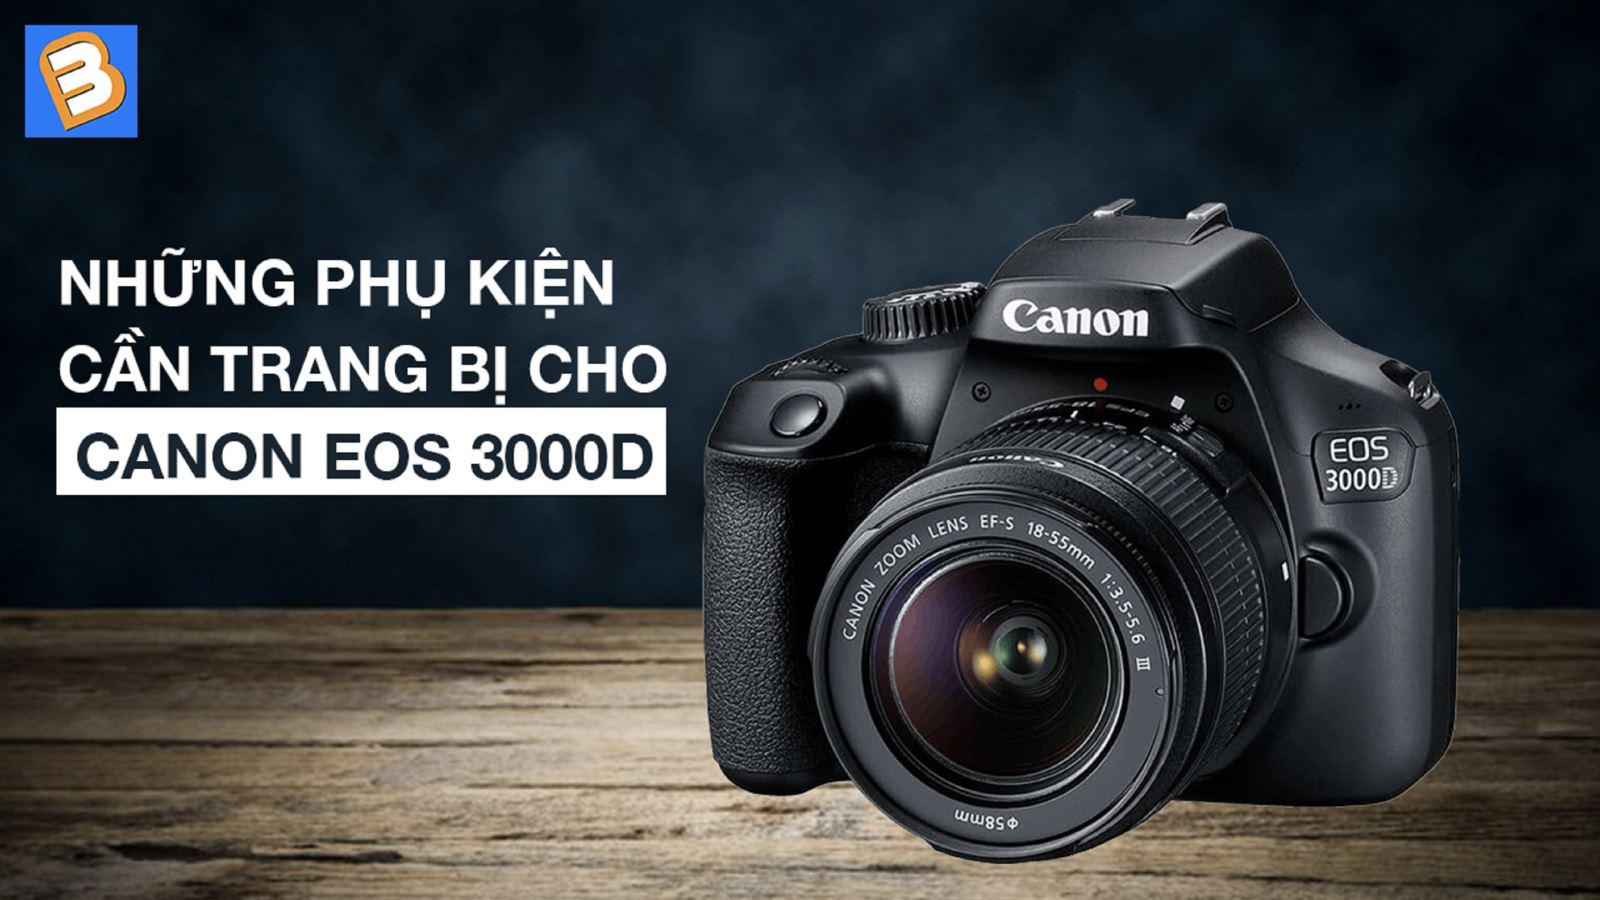 Những phụ kiện cần trang bị cho Canon EOS 3000D